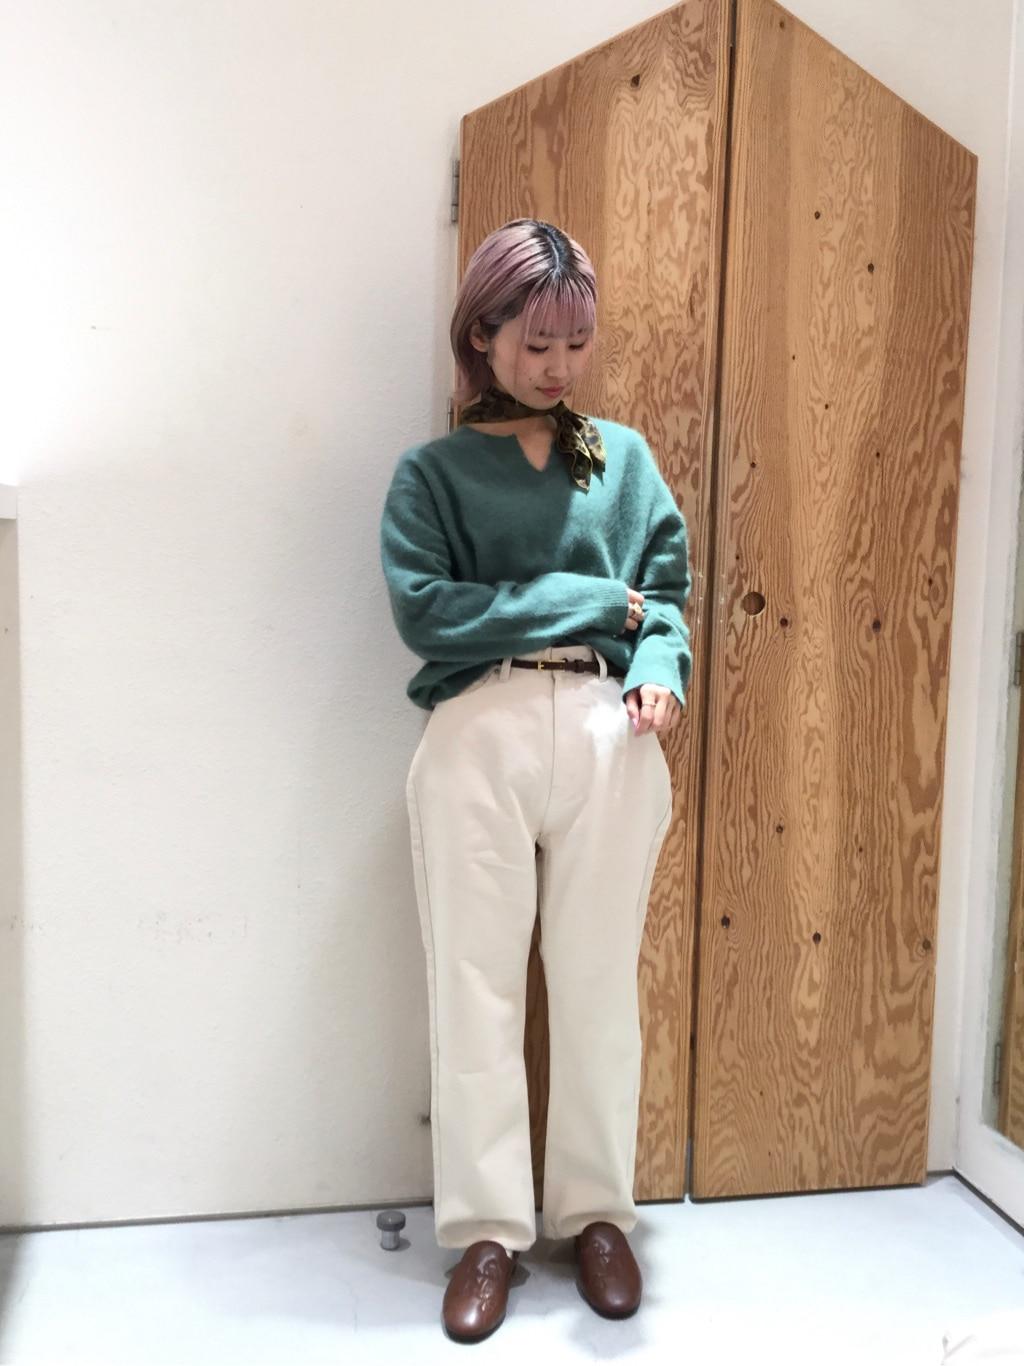 l'atelier du savon グランフロント大阪 身長:157cm 2019.12.20